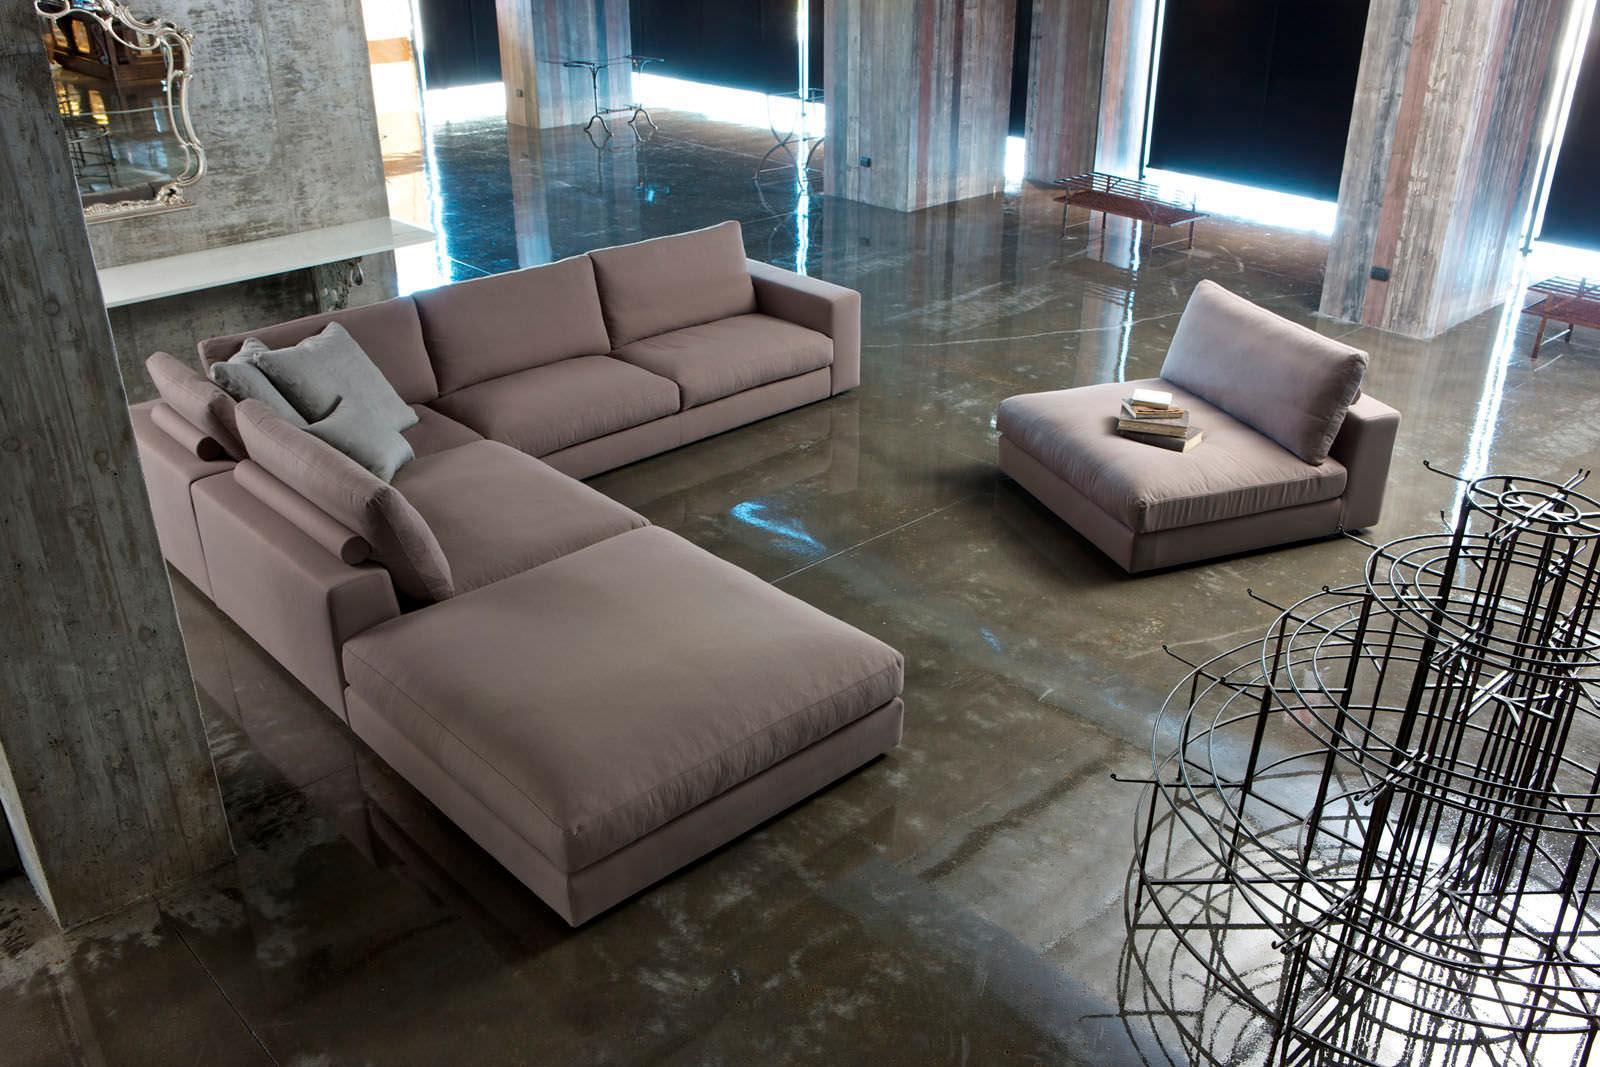 wohnlandschaft • bilder & ideen • couchstyle, Wohnzimmer